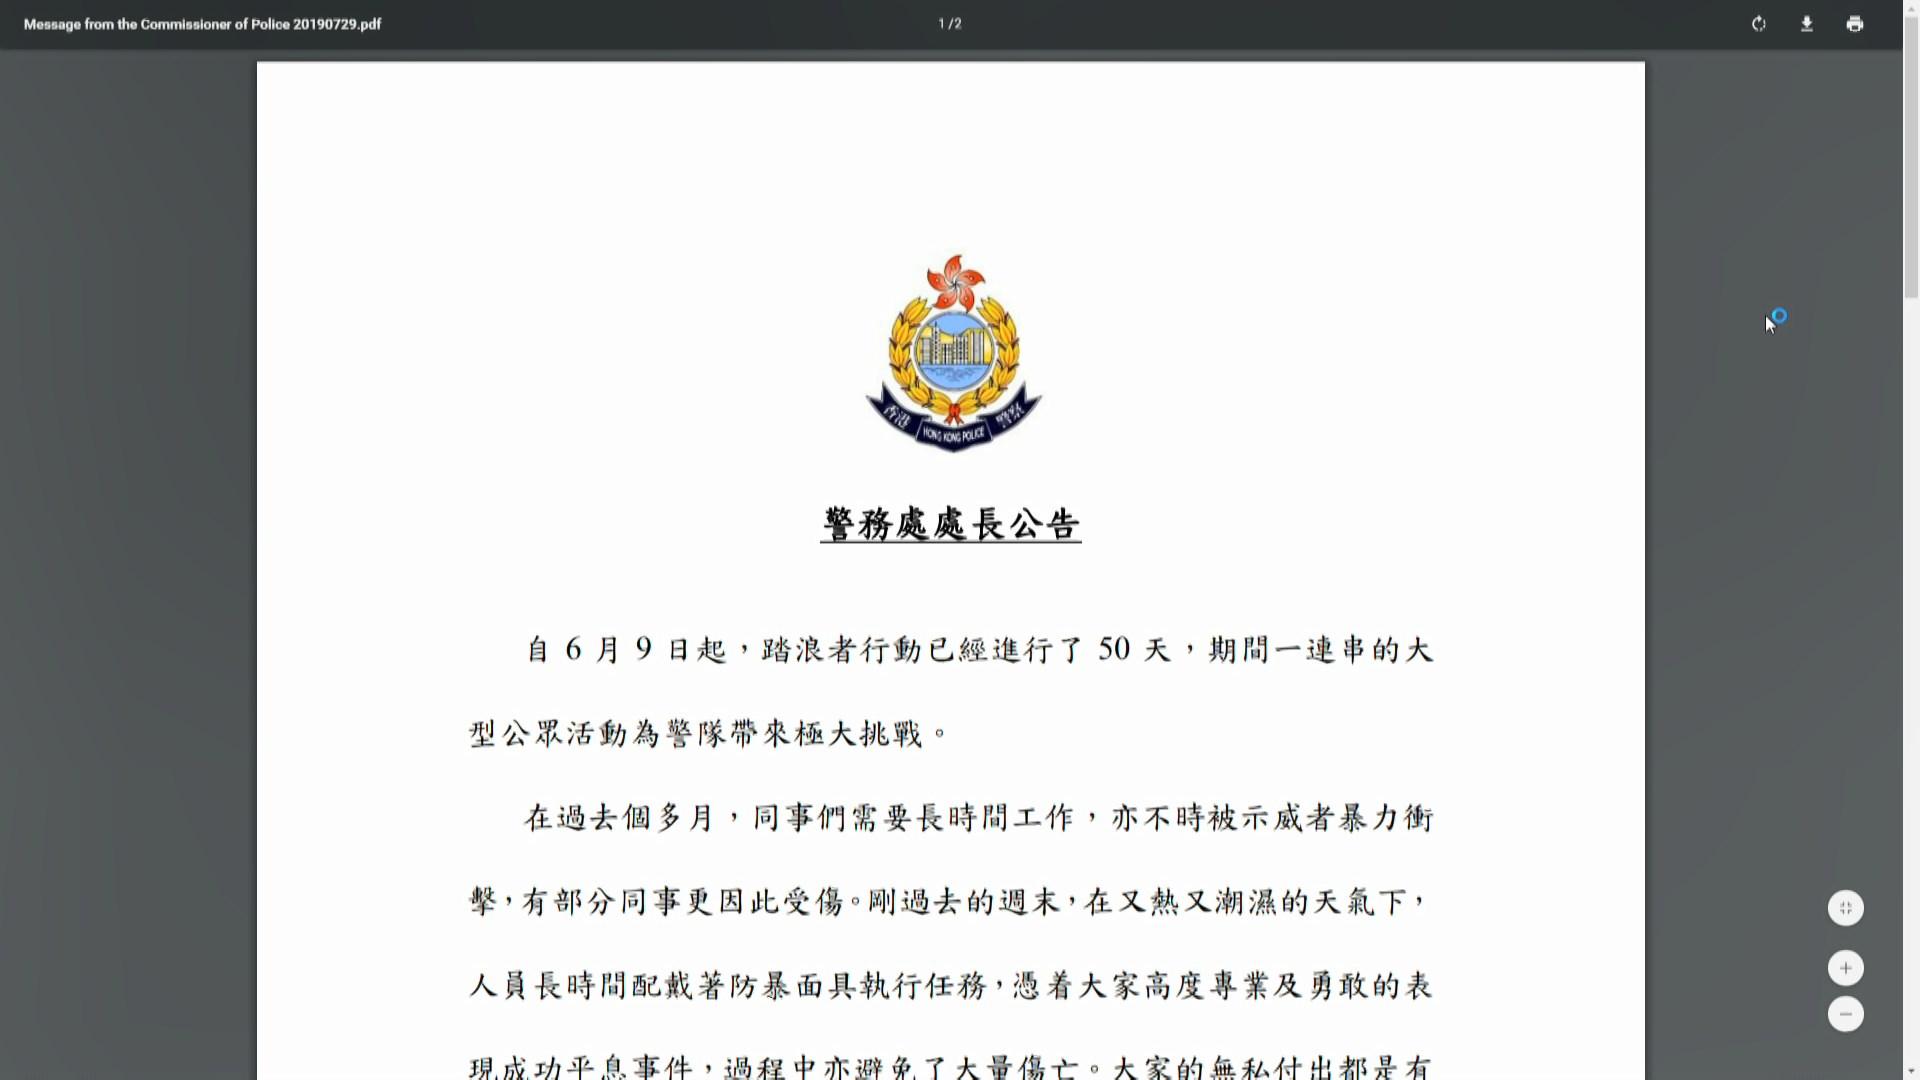 盧偉聰發信感謝警隊無私付出深感自豪